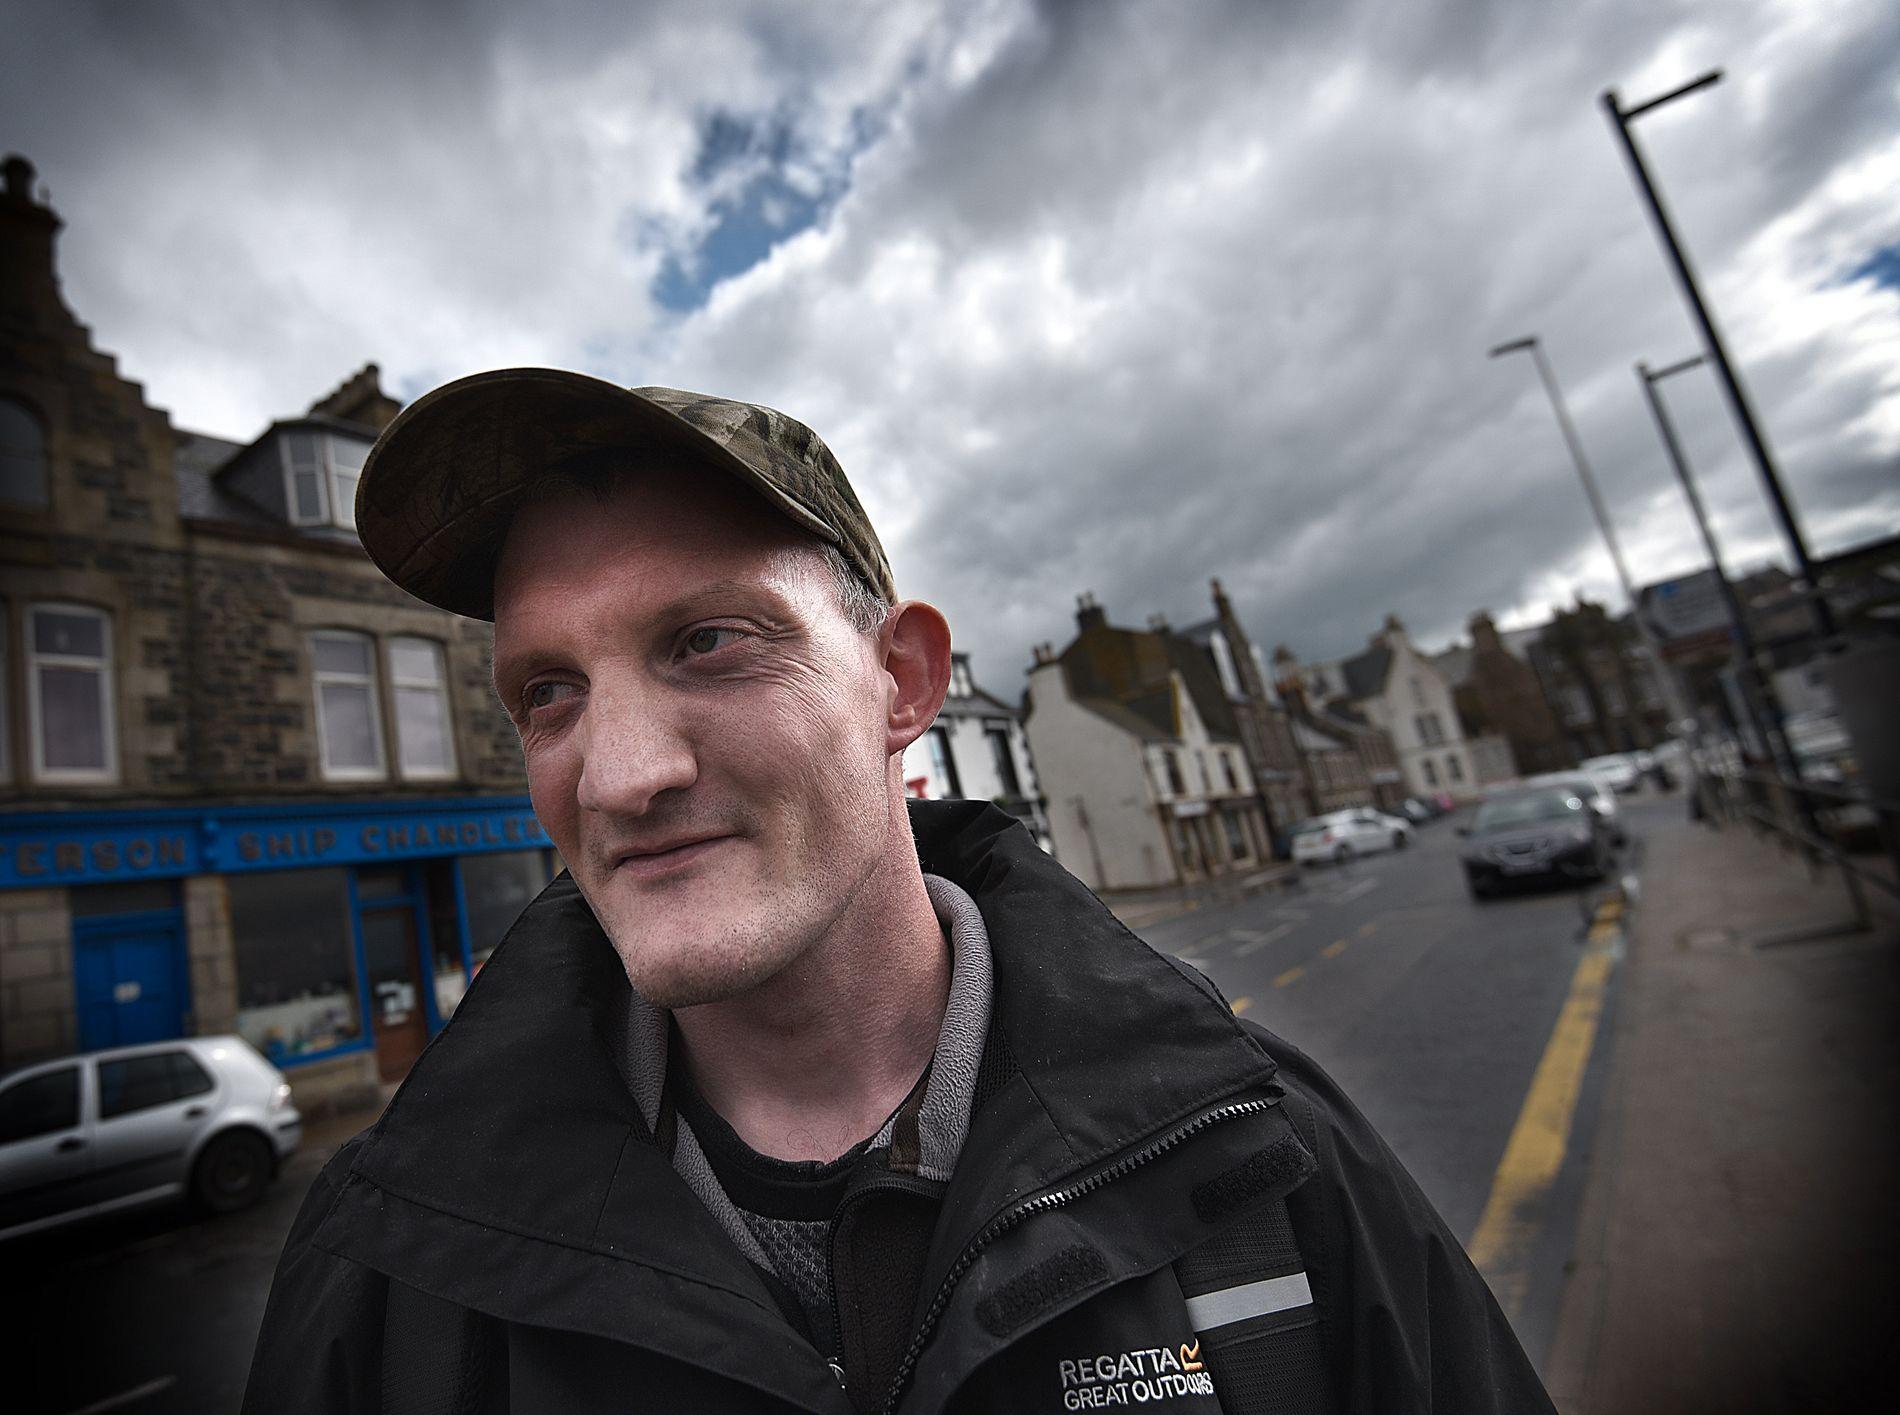 BEST Å BLI: 30 år gamle Callum McDonald fra MacDuff mener i likhet med unge flest i Skottland at Storbritannia bør bli værende i den europeiske unionen.